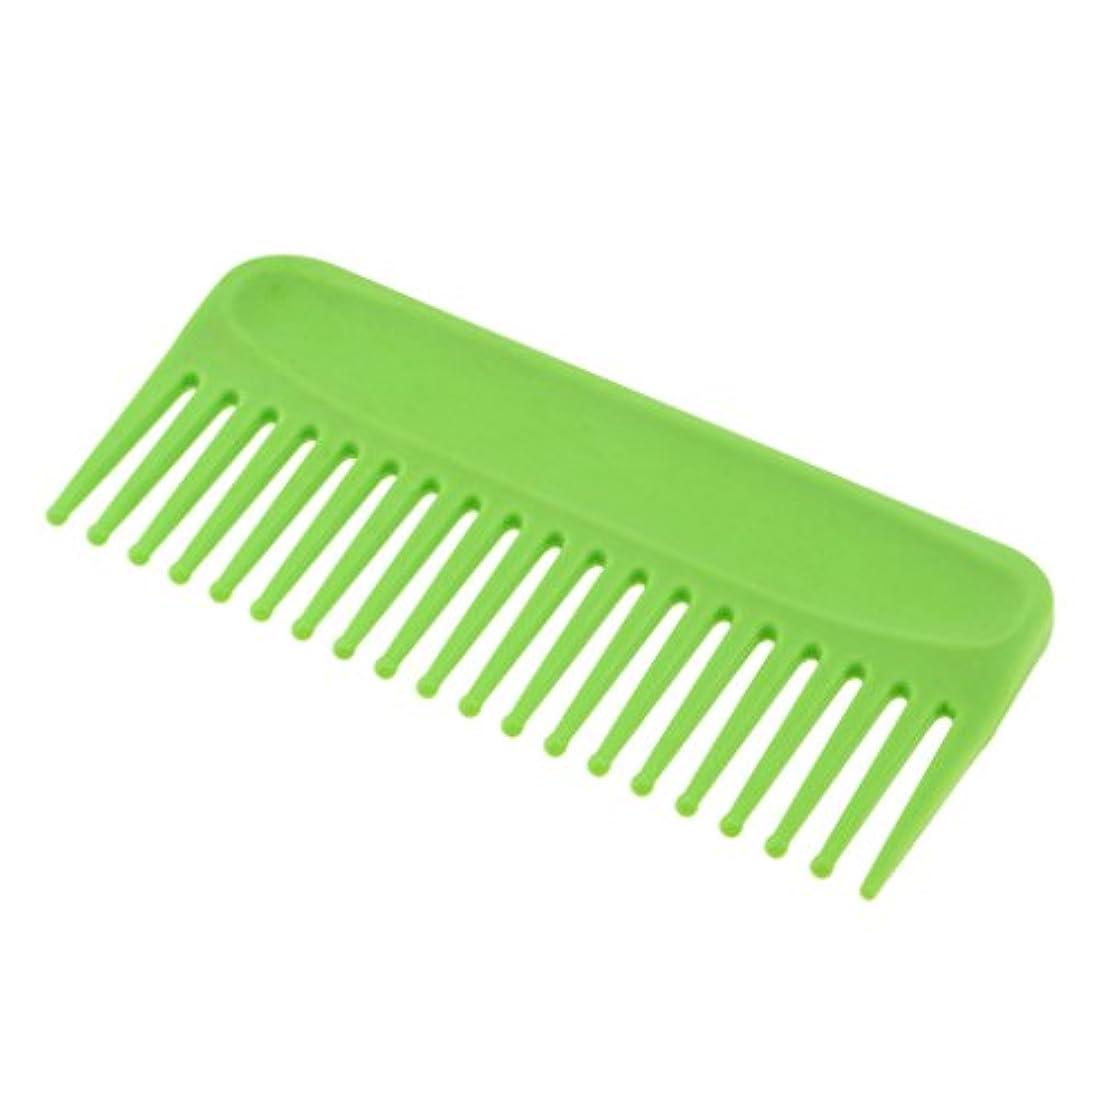 寸前安らぎフェリーヘアコーム コーム くし 頭皮 マッサージ 耐熱性 帯電防止 プラスチック性 ヘアスタイリング 4色選べる - 緑